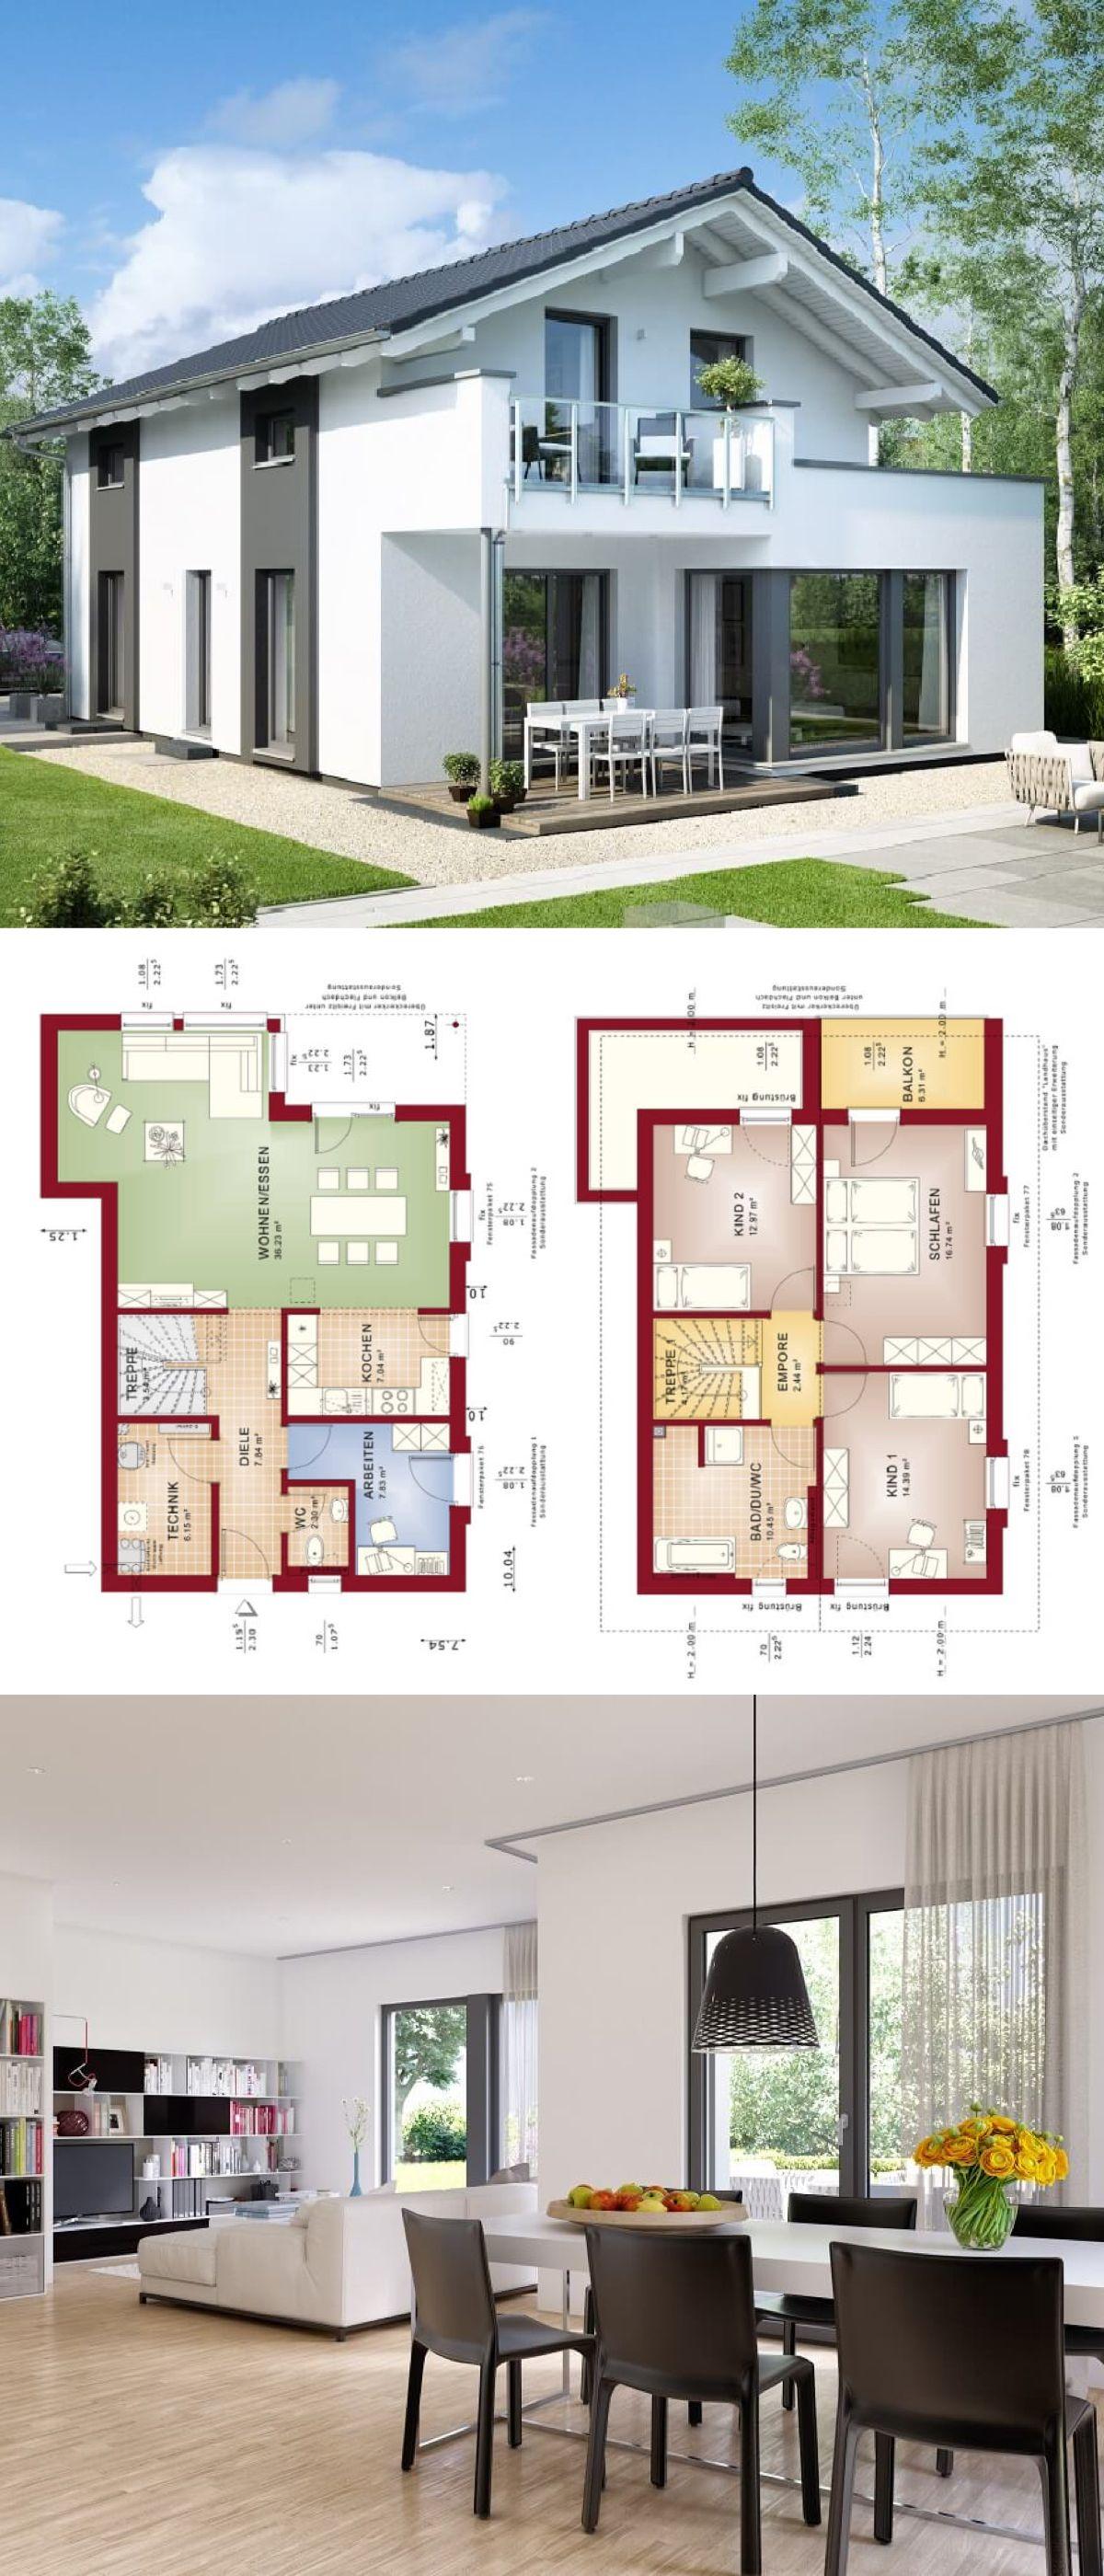 Erstaunlich Einfamilienhaus Modern Mit Satteldach Architektur U0026 Erker Anbau Mit Balkon    Haus Bauen Grundriss Fertighaus Edition